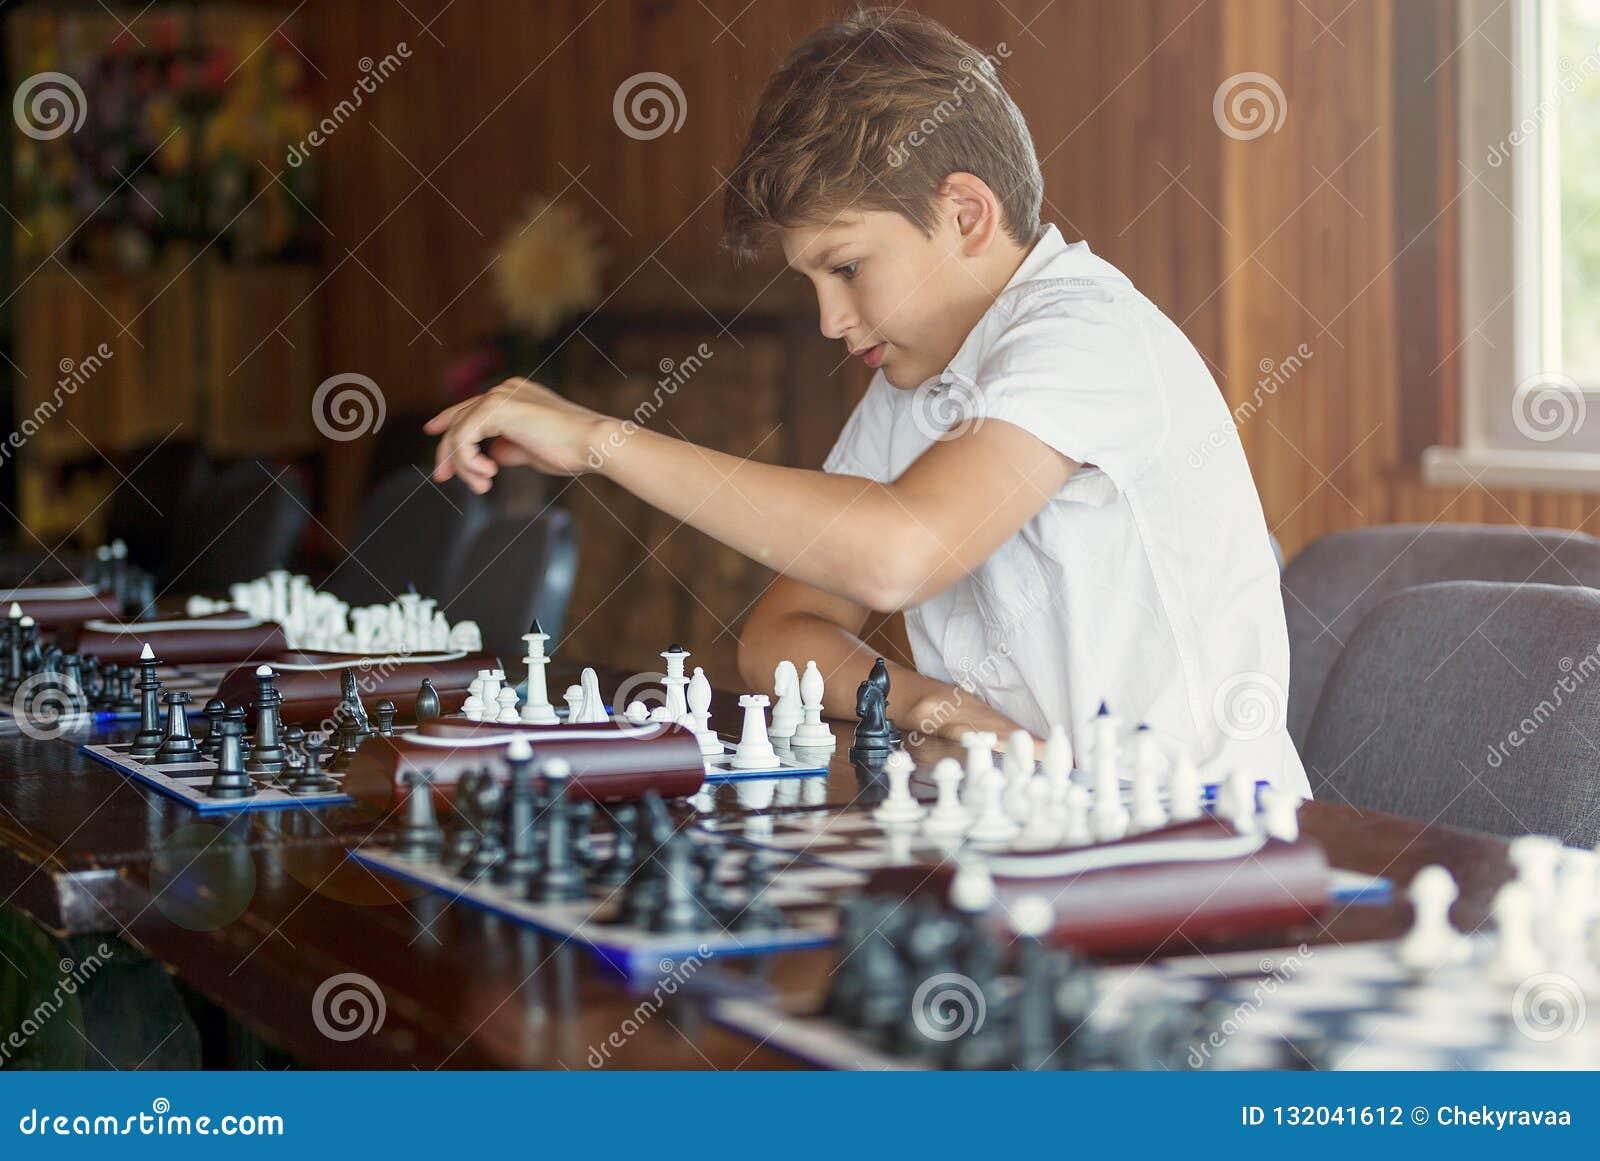 Le garçon mignon et jeune joue aux échecs avec l échiquier en bois Tournoi d échecs, leçon, camp, formation